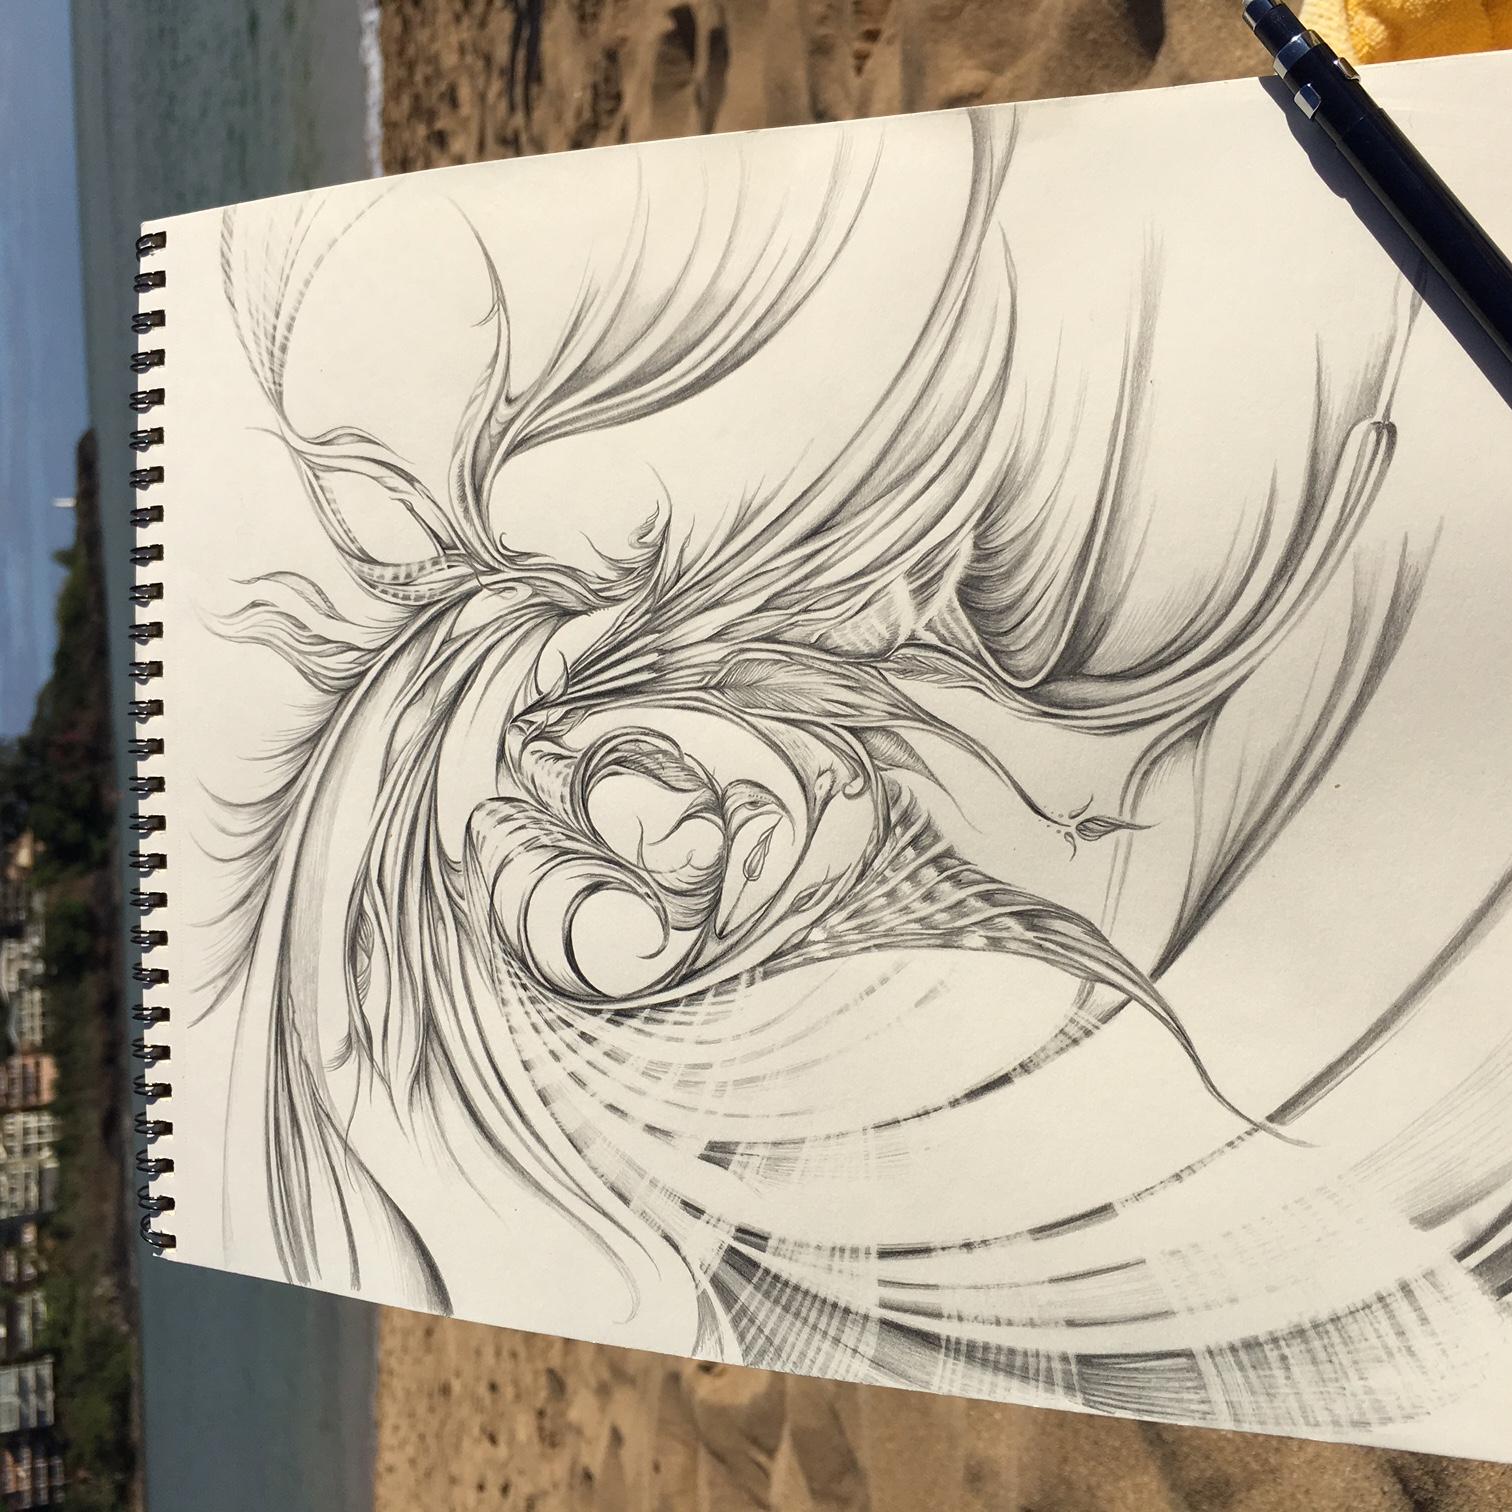 Field Sketch 6 - Context Shot